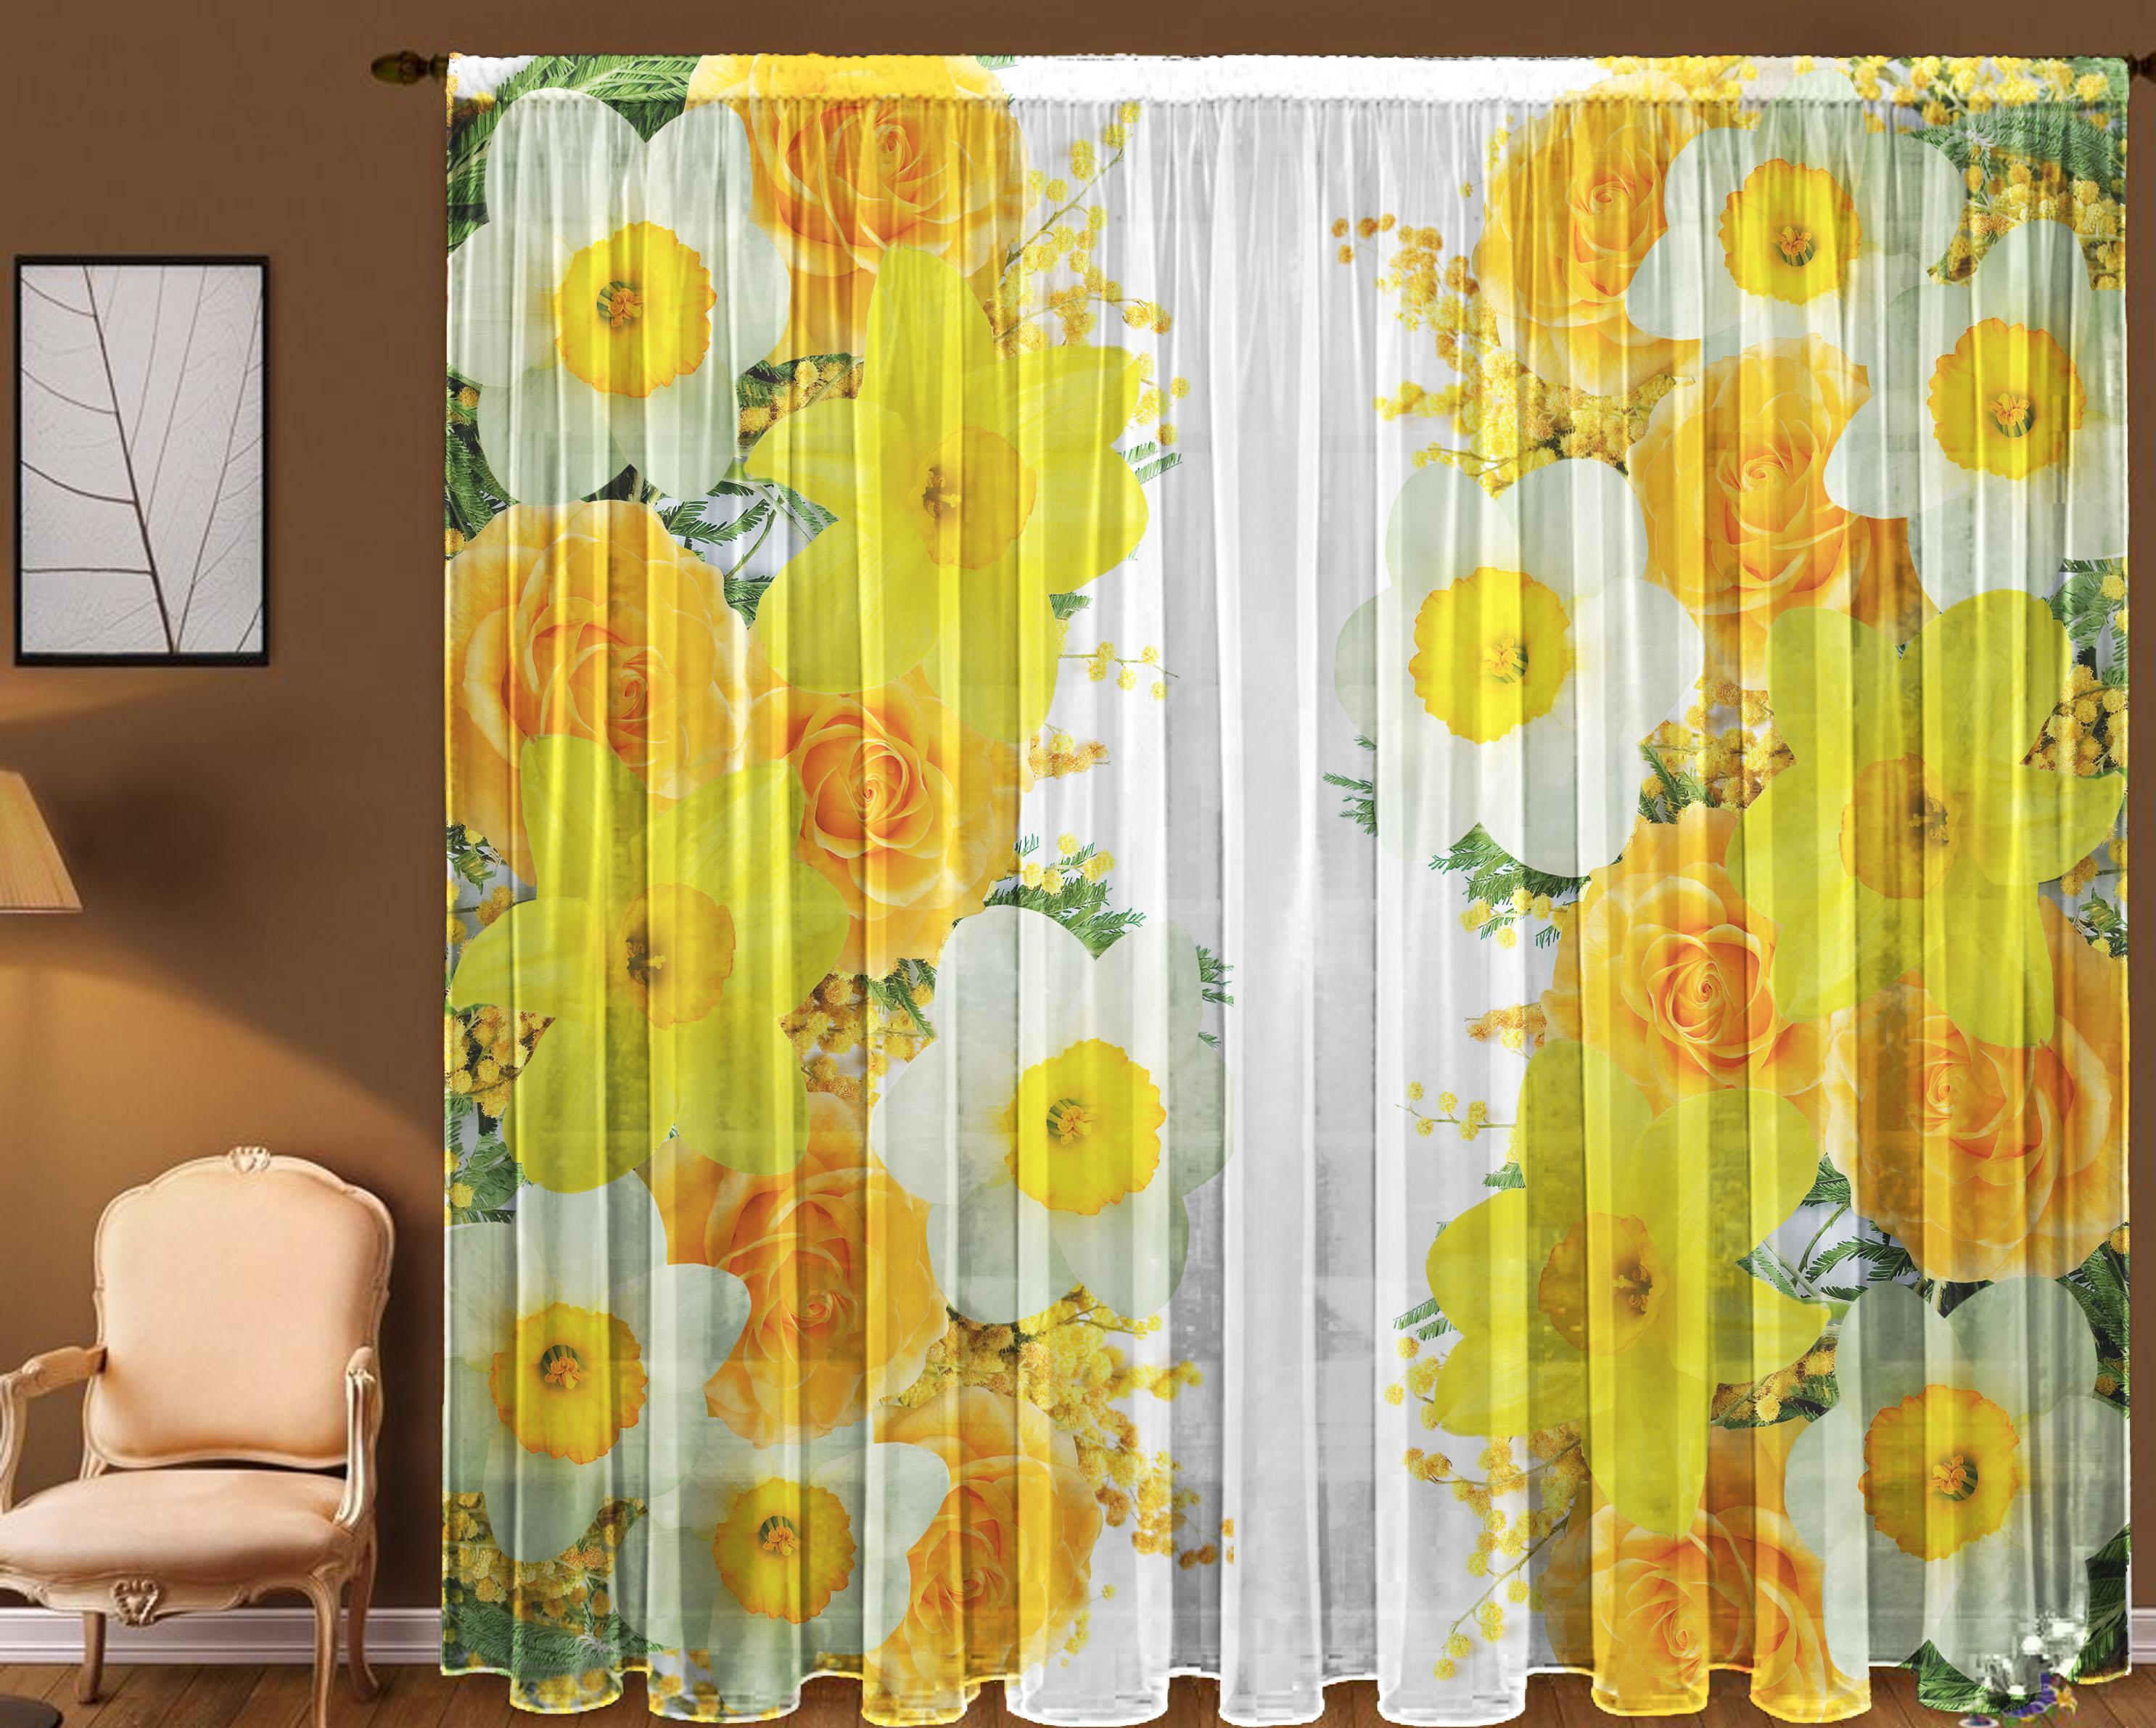 Шторы для комнатыДля комнаты<br>Чудесная тюль для комнаты, состоящая из двух полотен.  В комплекте 2 полотна: Длина 145 см +/- 5 см Высота 270 см +/- 5 см<br><br>Карниз: Однорядный<br>По материалу: Вуаль<br>По рисунку: Растительные мотивы,С принтом (печатью),Цветные,Цветочные<br>По стилю: Классические шторы,Раздвижные шторы<br>Размеры: До пола<br>Размер : 290*270<br>Материал: Вуаль<br>Количество в наличии: 1